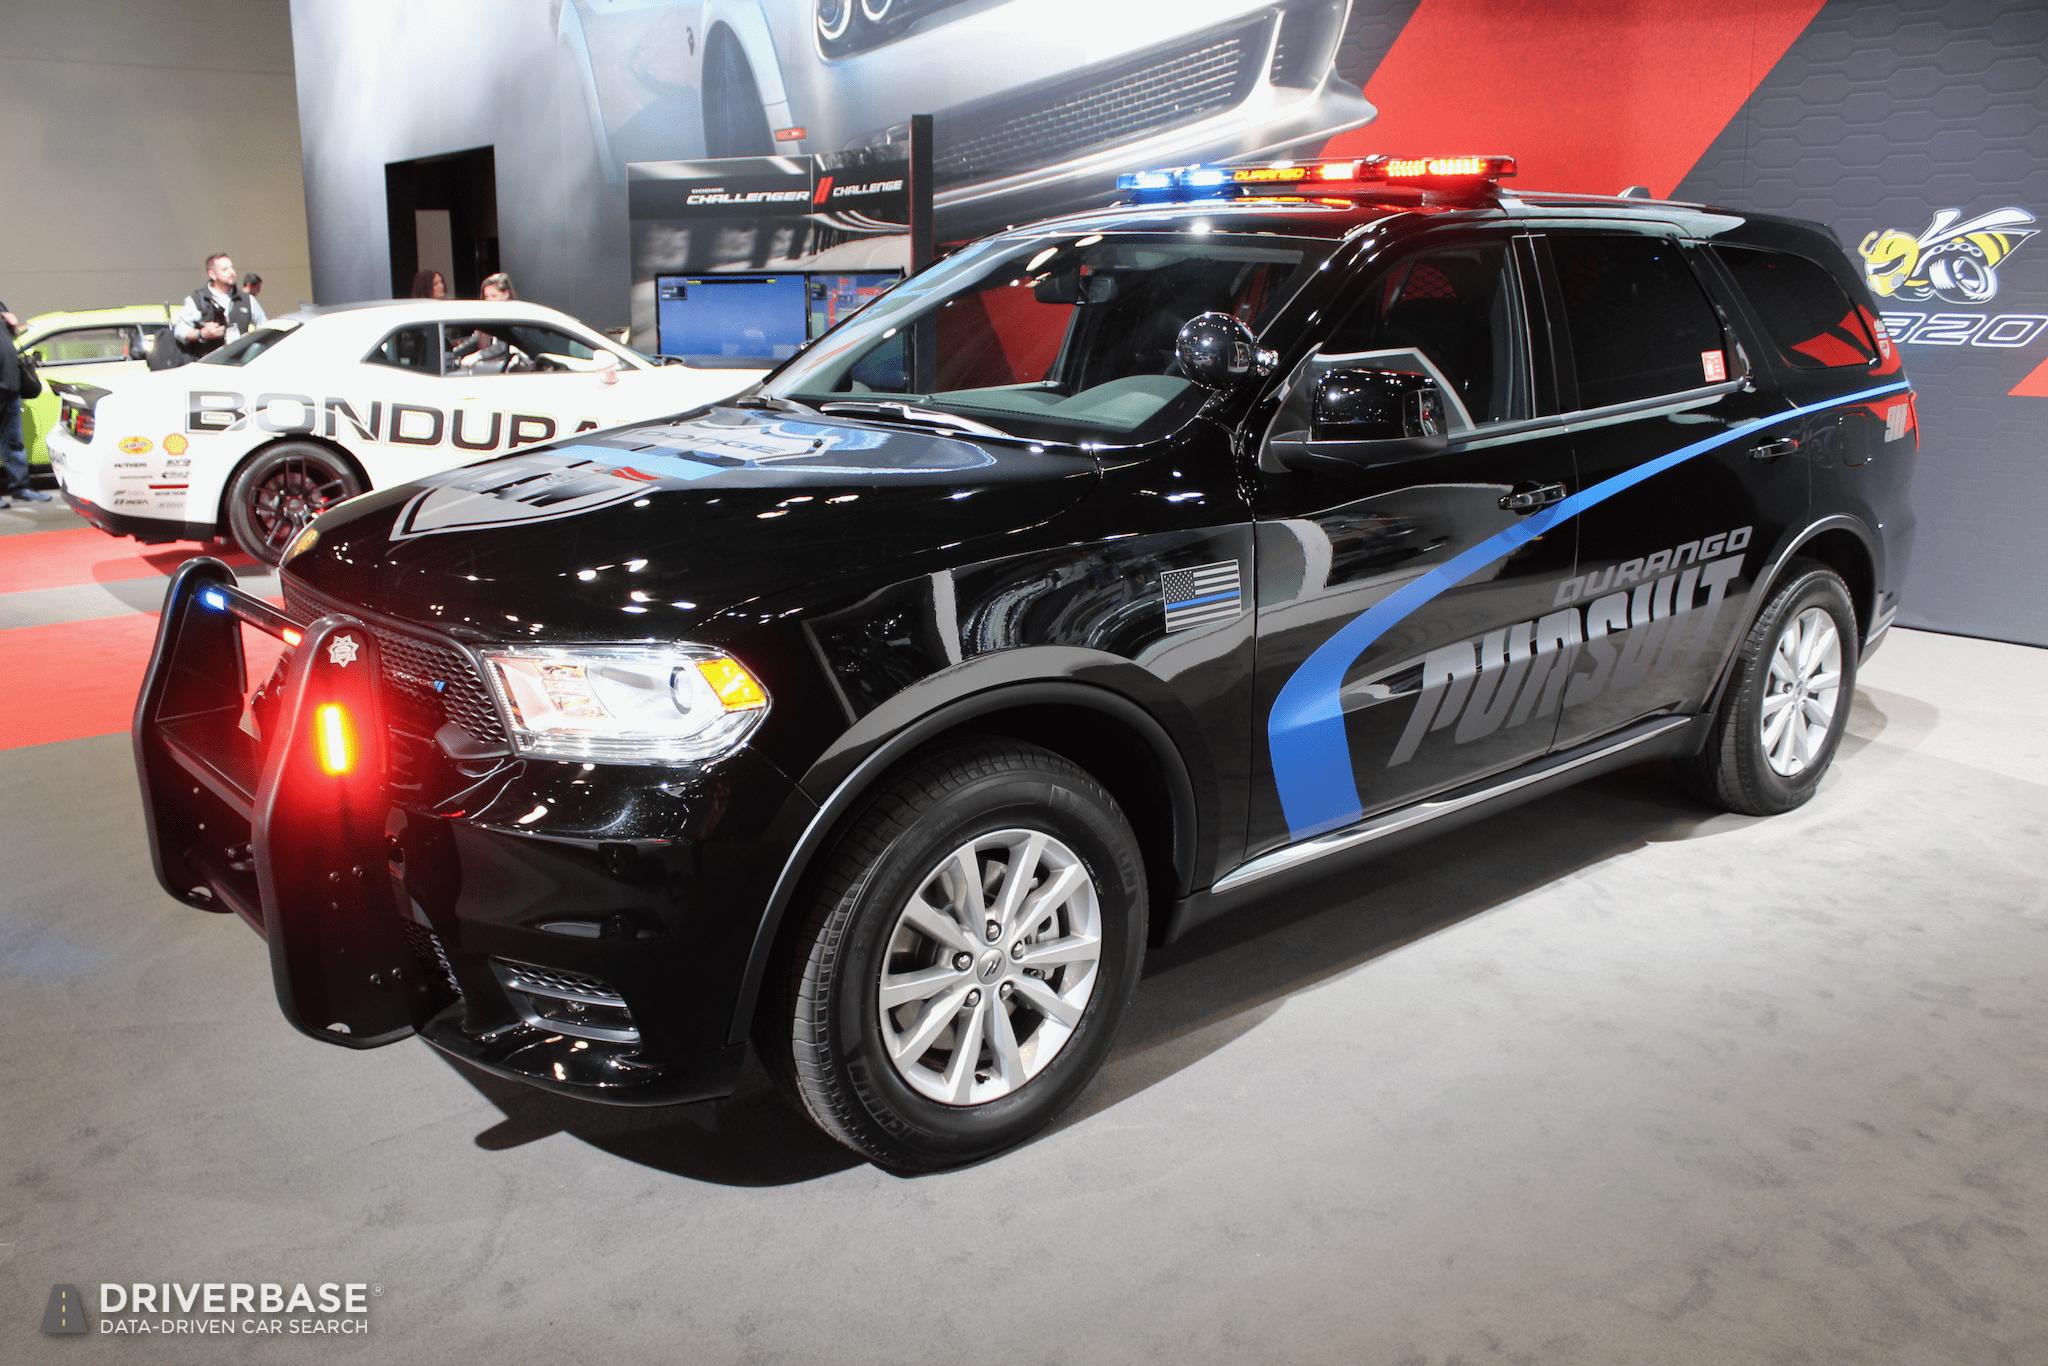 2019 Dodge Durango Pursuit Law Enforcement Suv At The 2019 New York Auto Show Driverbase